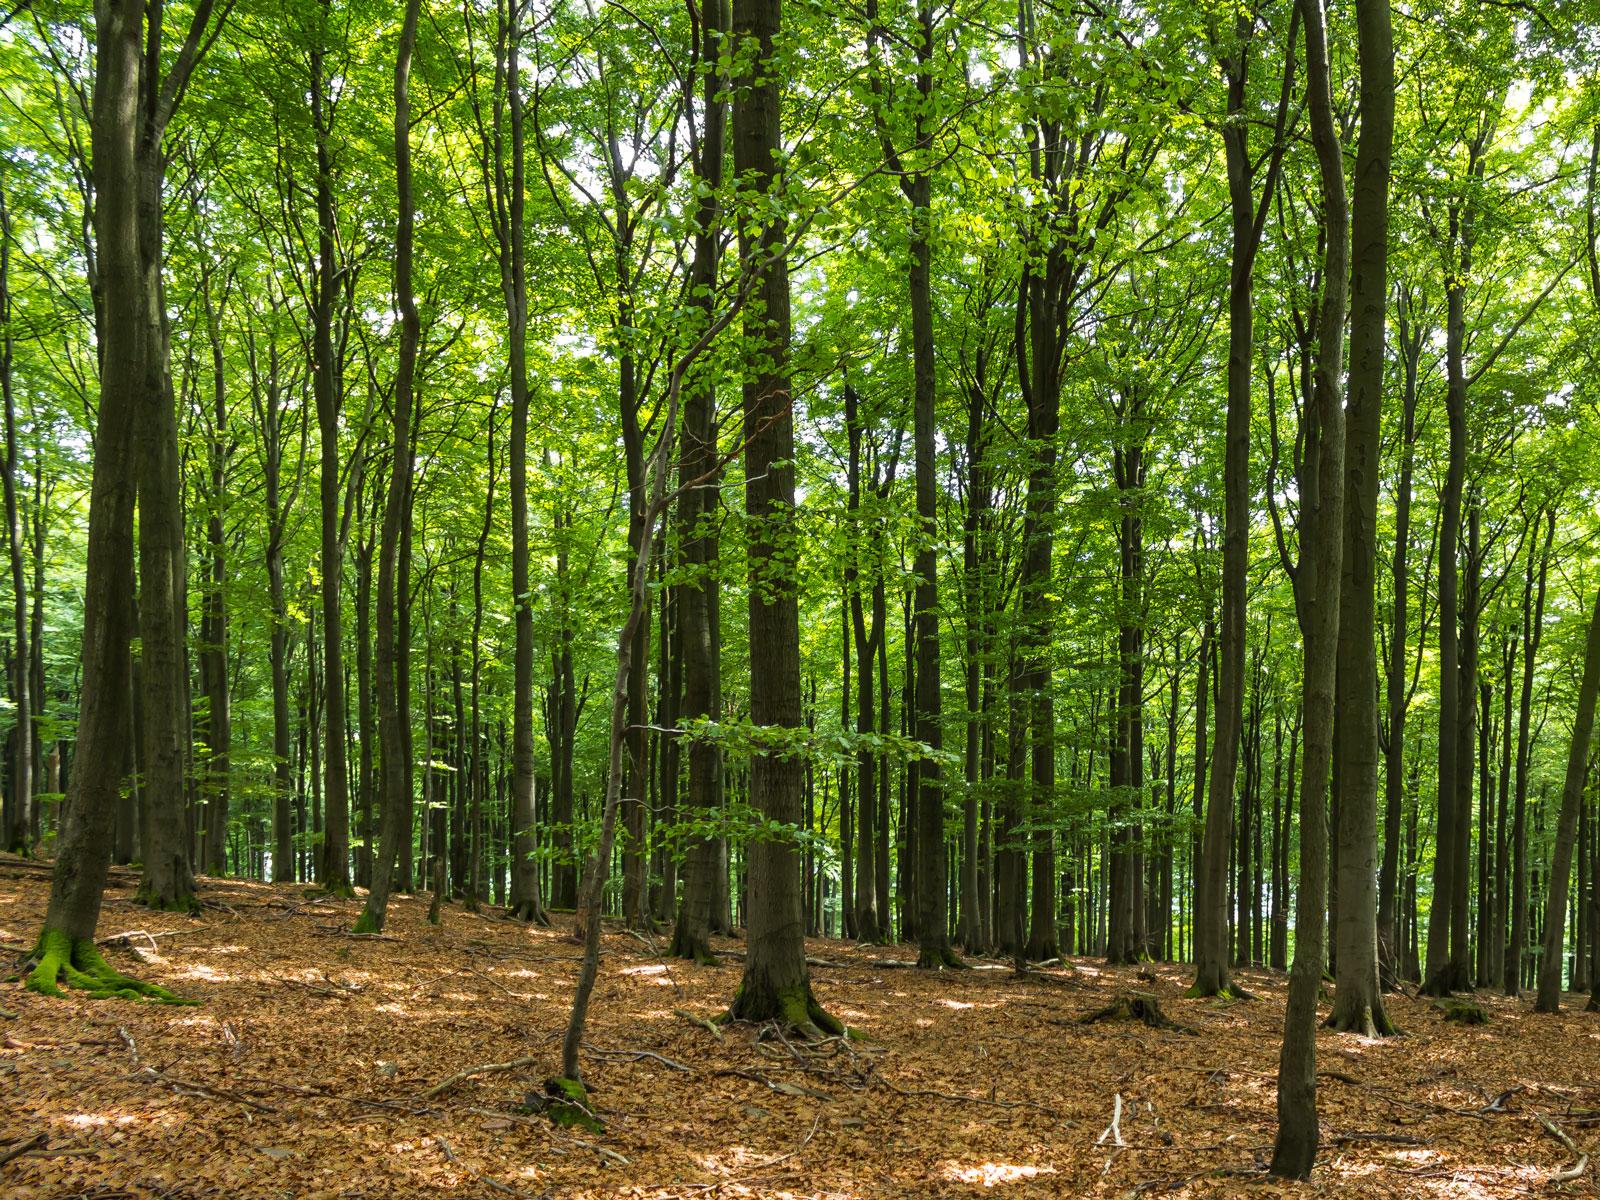 Naturwald im Sonnenschein